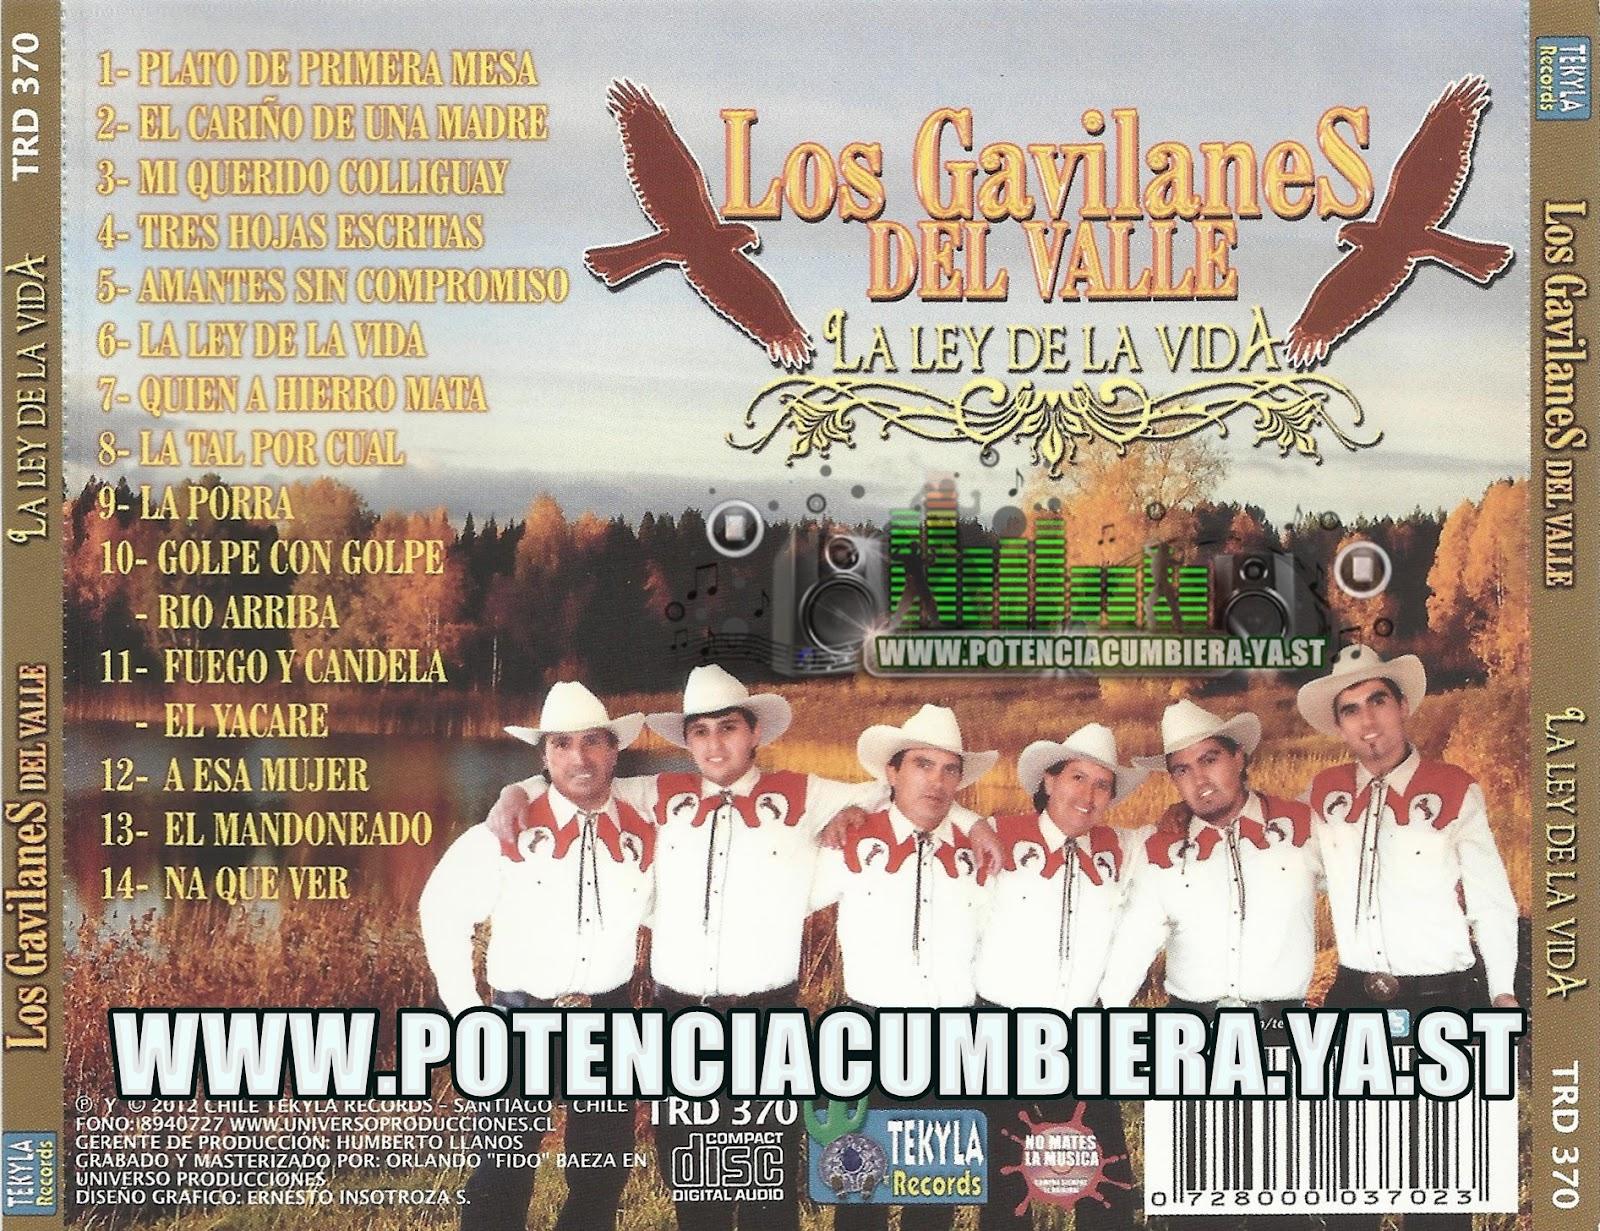 Cd los gavilanes del valle-La ley de la vida. Los+Gavilanes+del+Valle+-+La+Ley+de+la+Vida+CD+2012+2